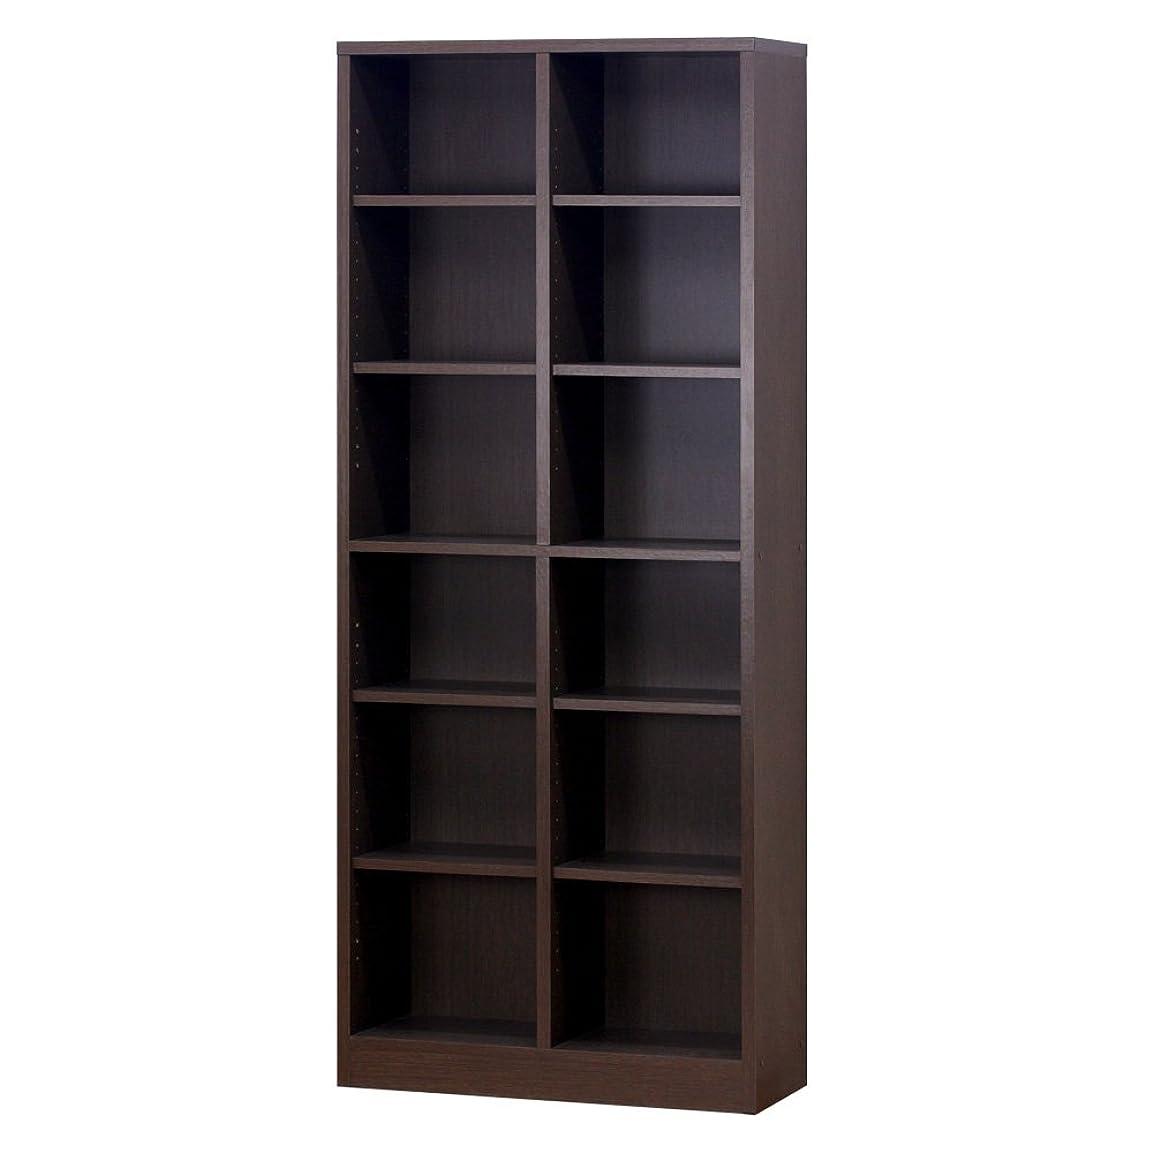 キャラバンゆるい哲学者クロシオ 万能カスタム書棚 シェルフ7518 ブラウン 幅75cm奥行29.5cm高さ180cm